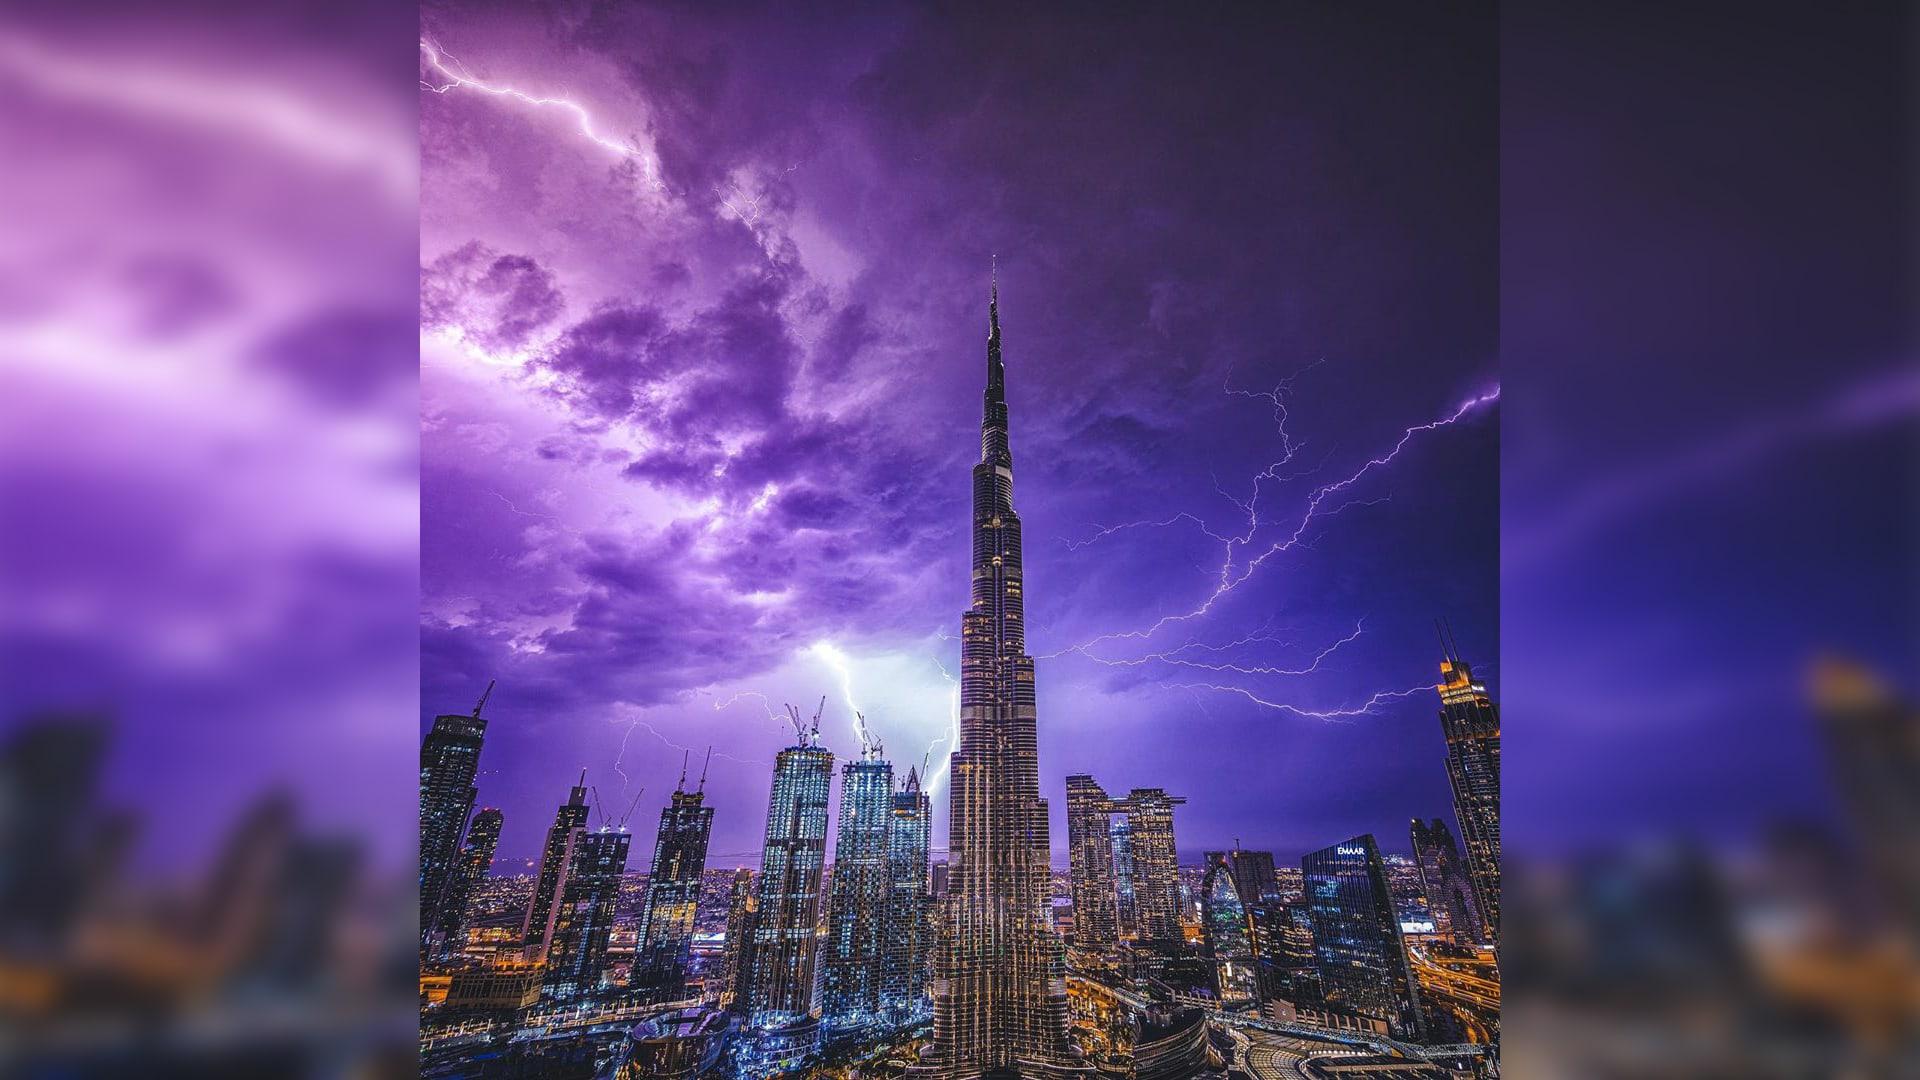 مشاهد مذهلة لسماء دبي خلال العاصفة الرعدية